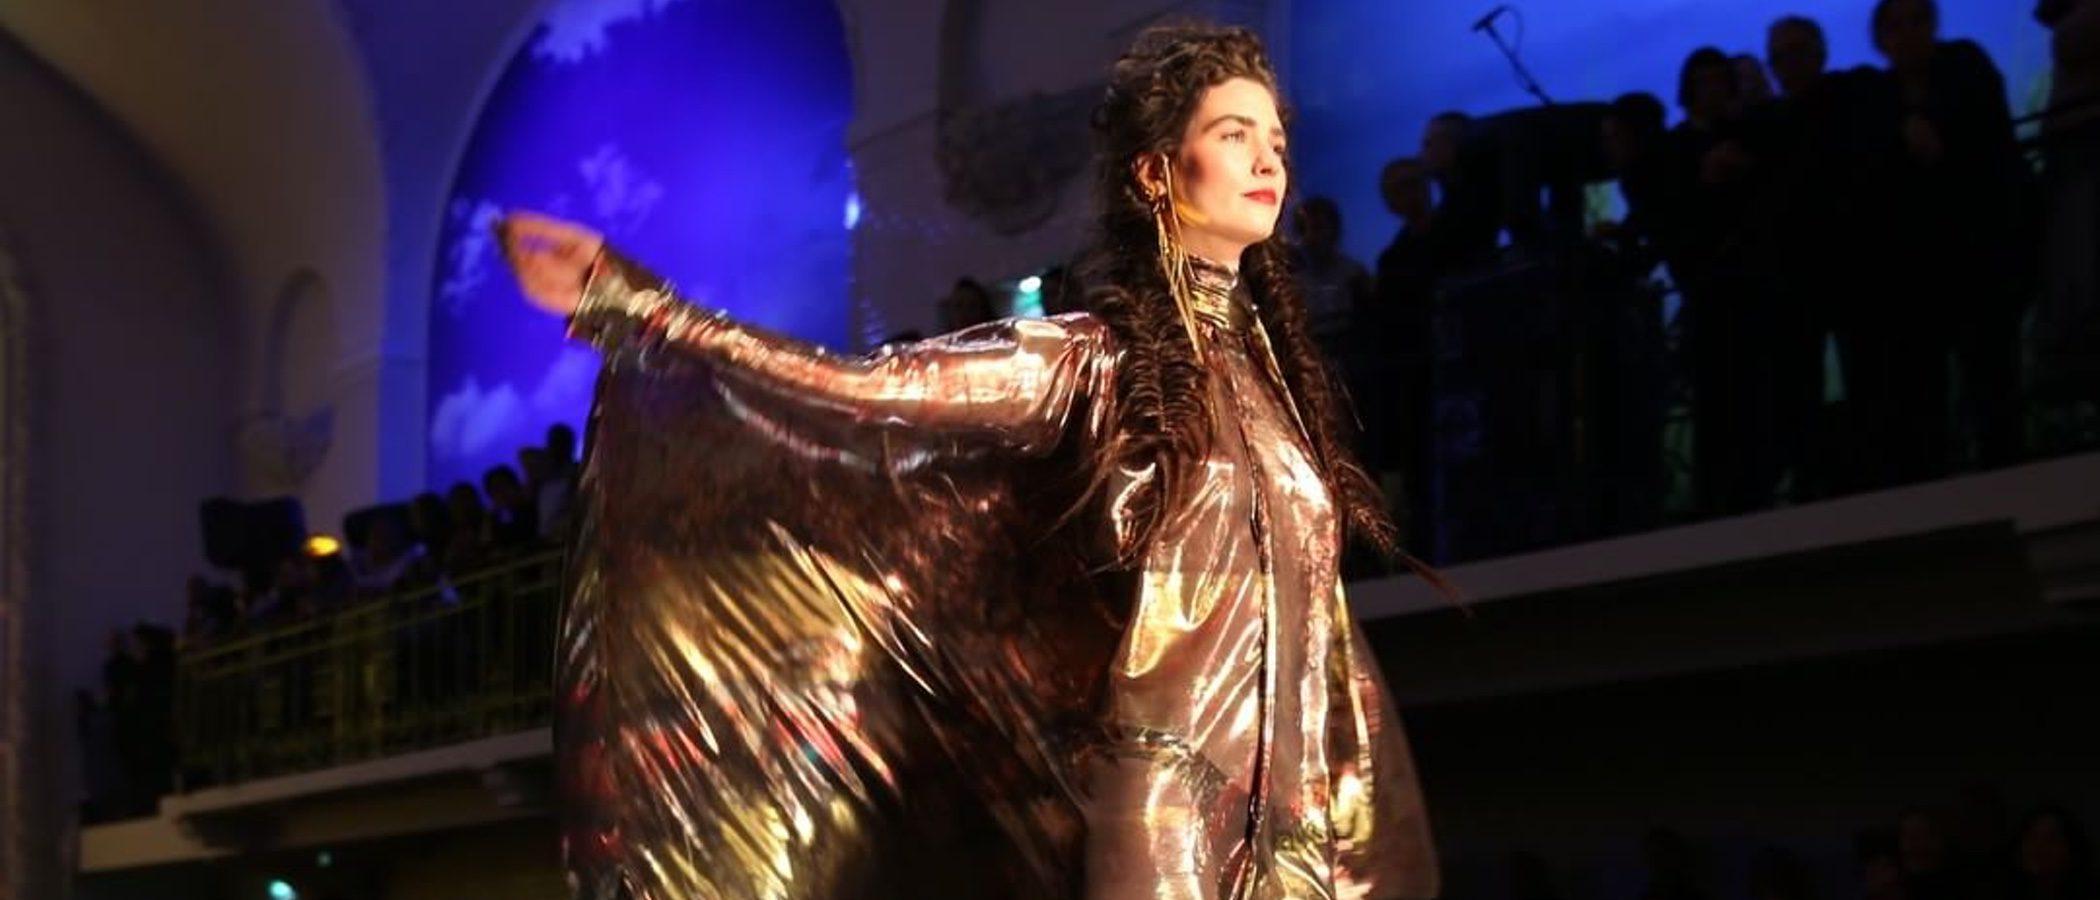 El color ochentero inunda la Semana de la Alta Costura de París con el desfile de Jean Paul Gaultier